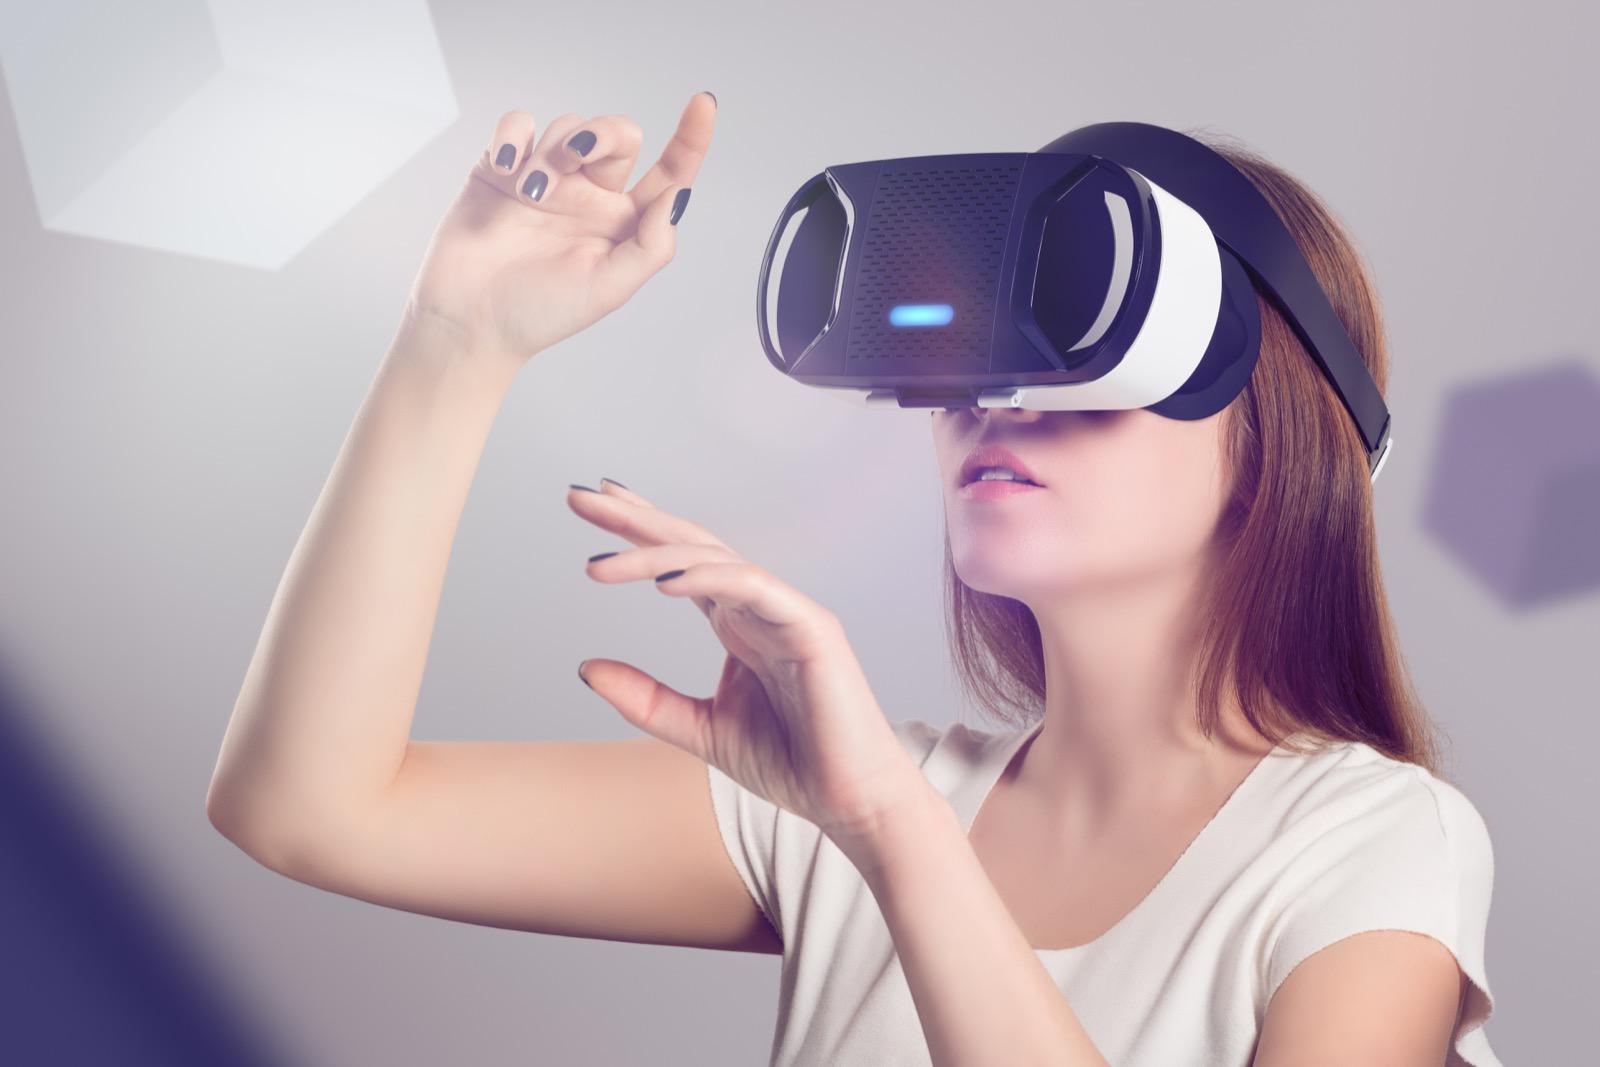 دراسة جدوى مشروع صالة العالم الافتراضي باستثمار 5,5 مليون دولار